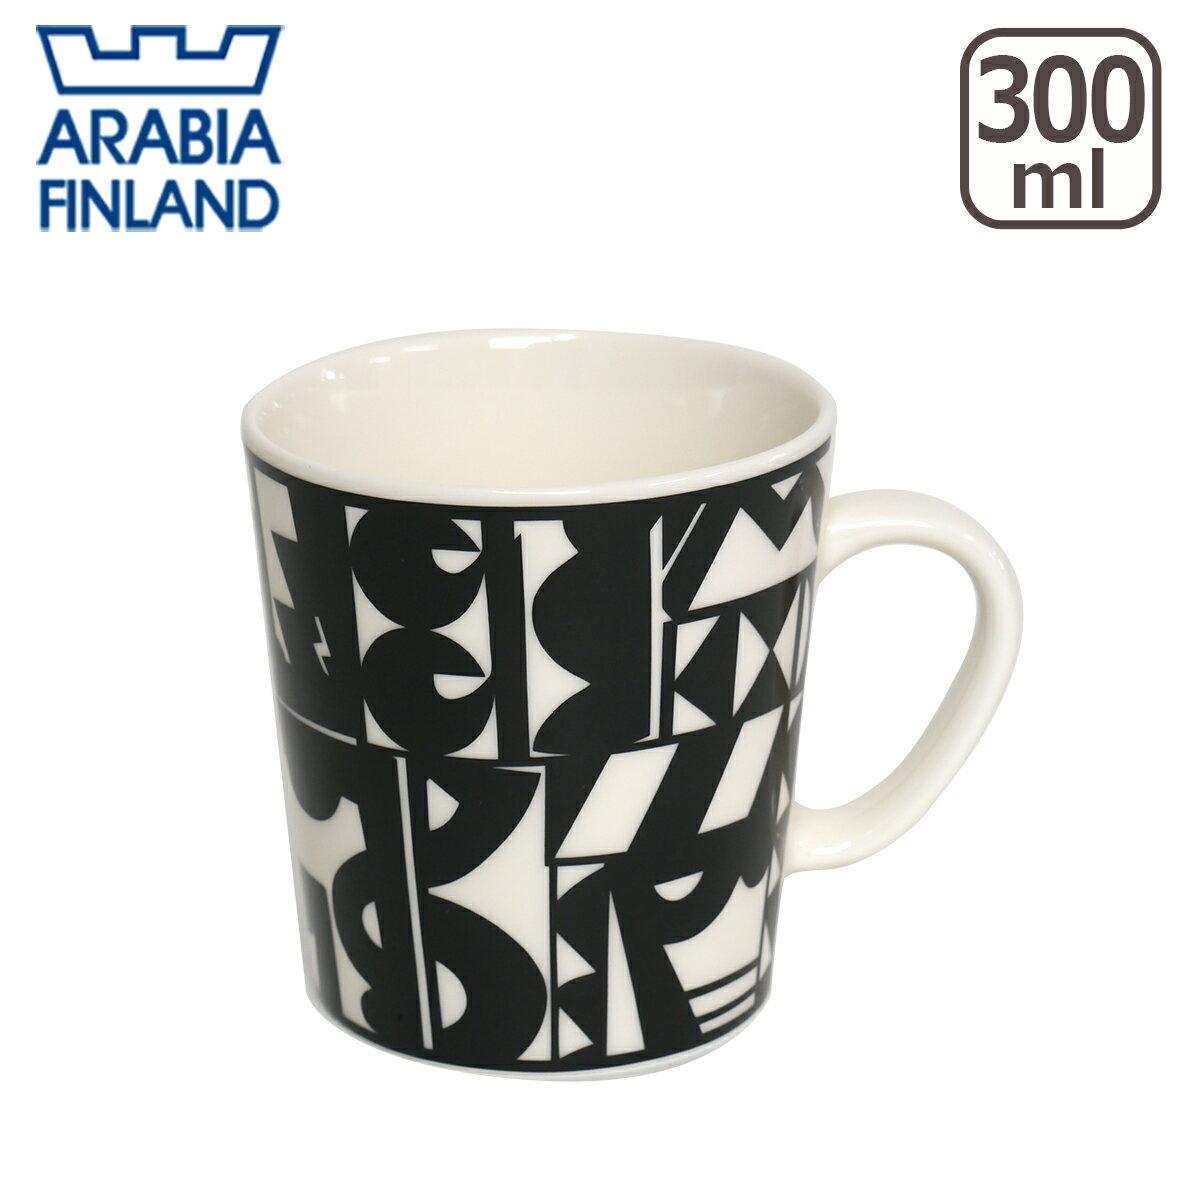 【Max1,000円OFFクーポン】 アラビア(Arabia) フィンランド100 記念マグ 300ml TIMBUA(ティムボア) 1987 マグカップ 北欧 フィンランド 食器 ギフト・のし可